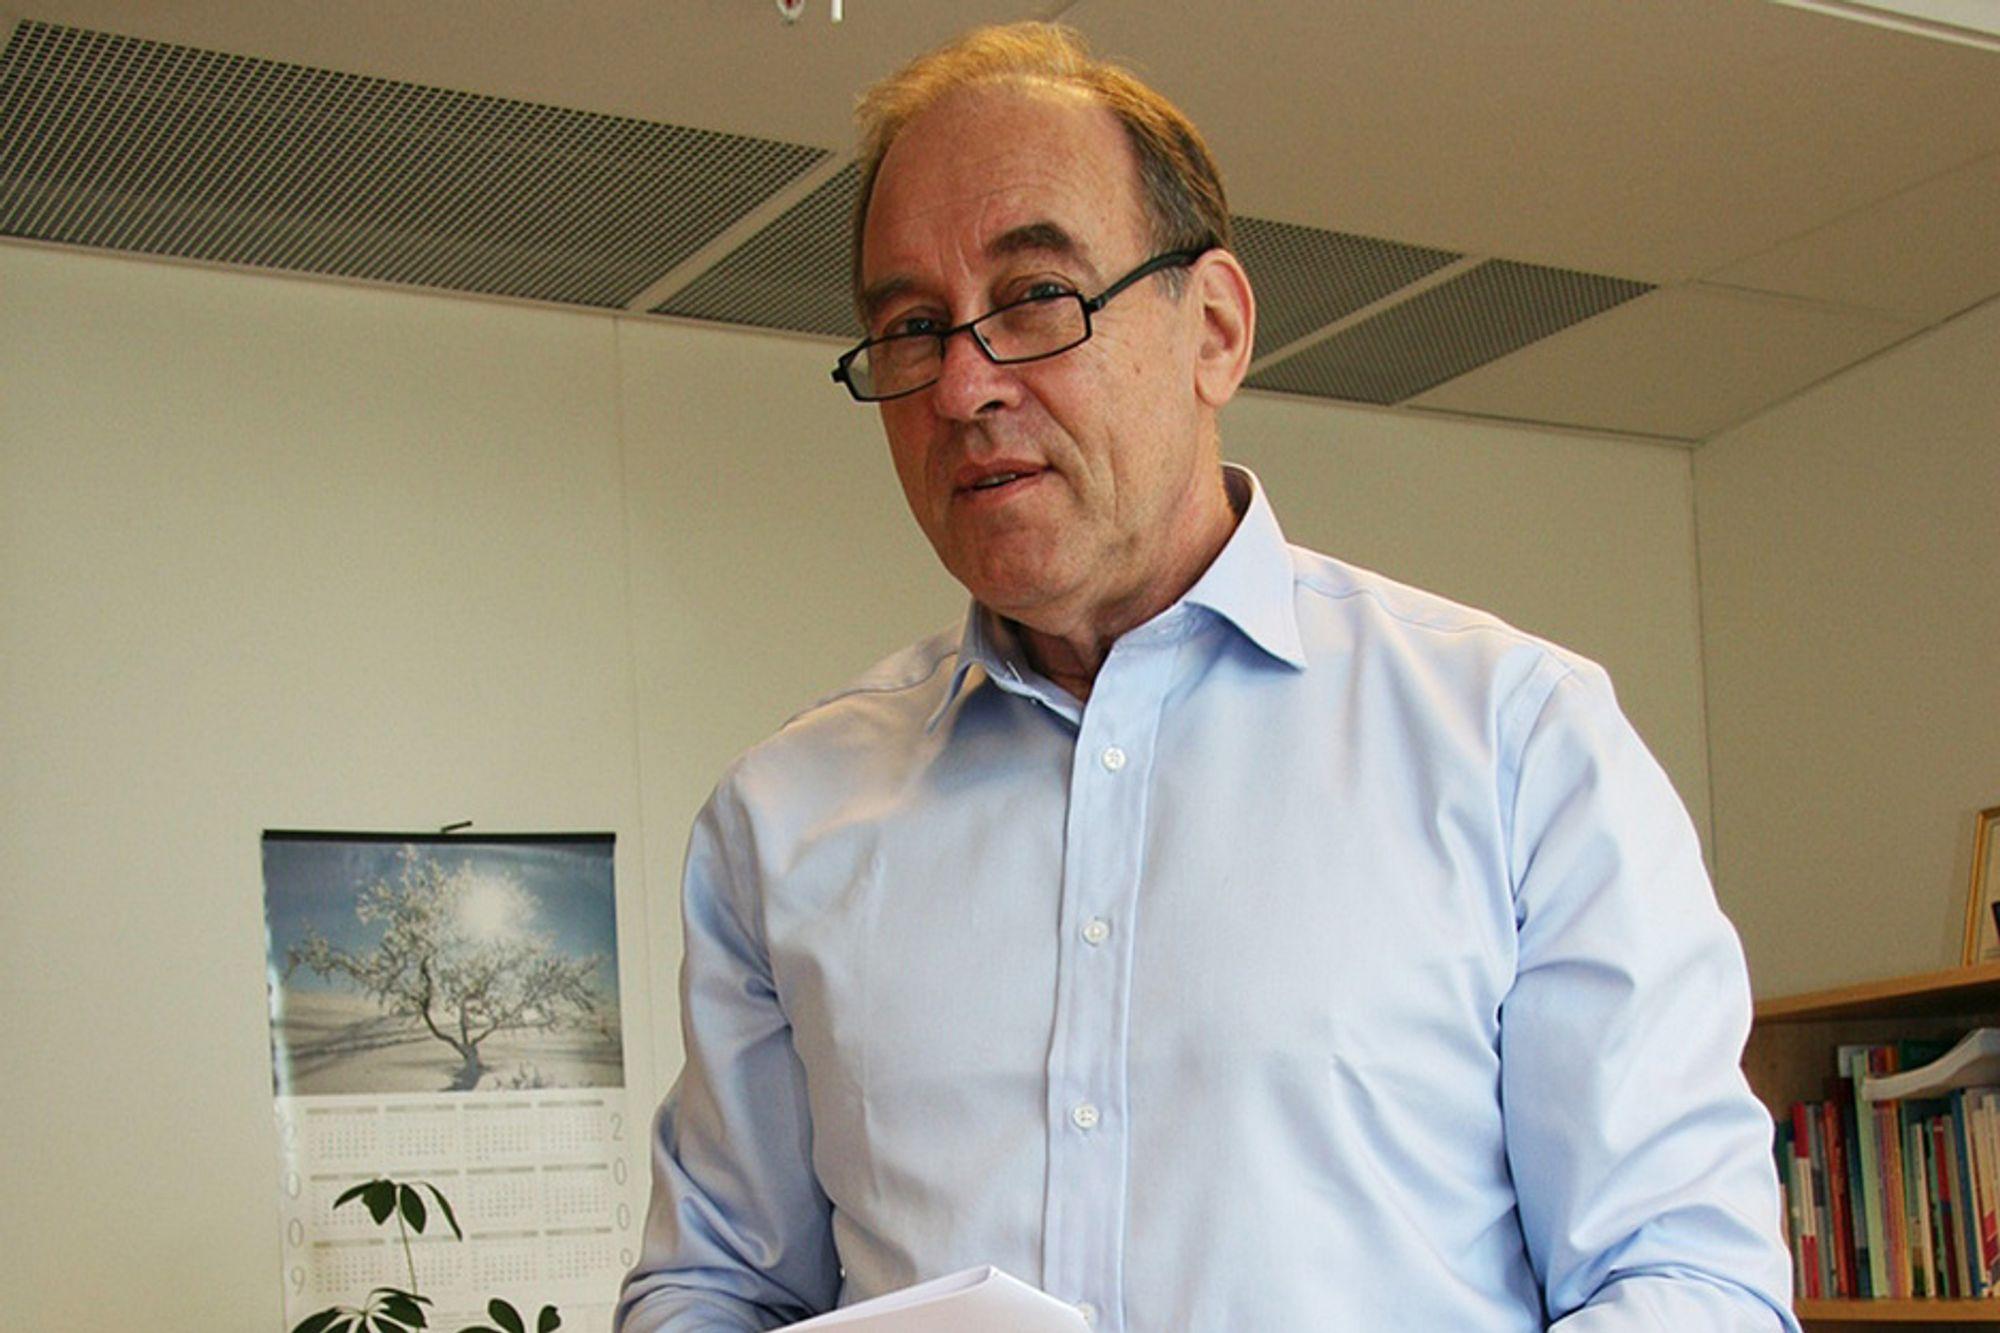 FOR MANGE: Administrerende direktør Harald Eriksen i Arkitektbedriftene mener næringen hadde for mange ansatte.